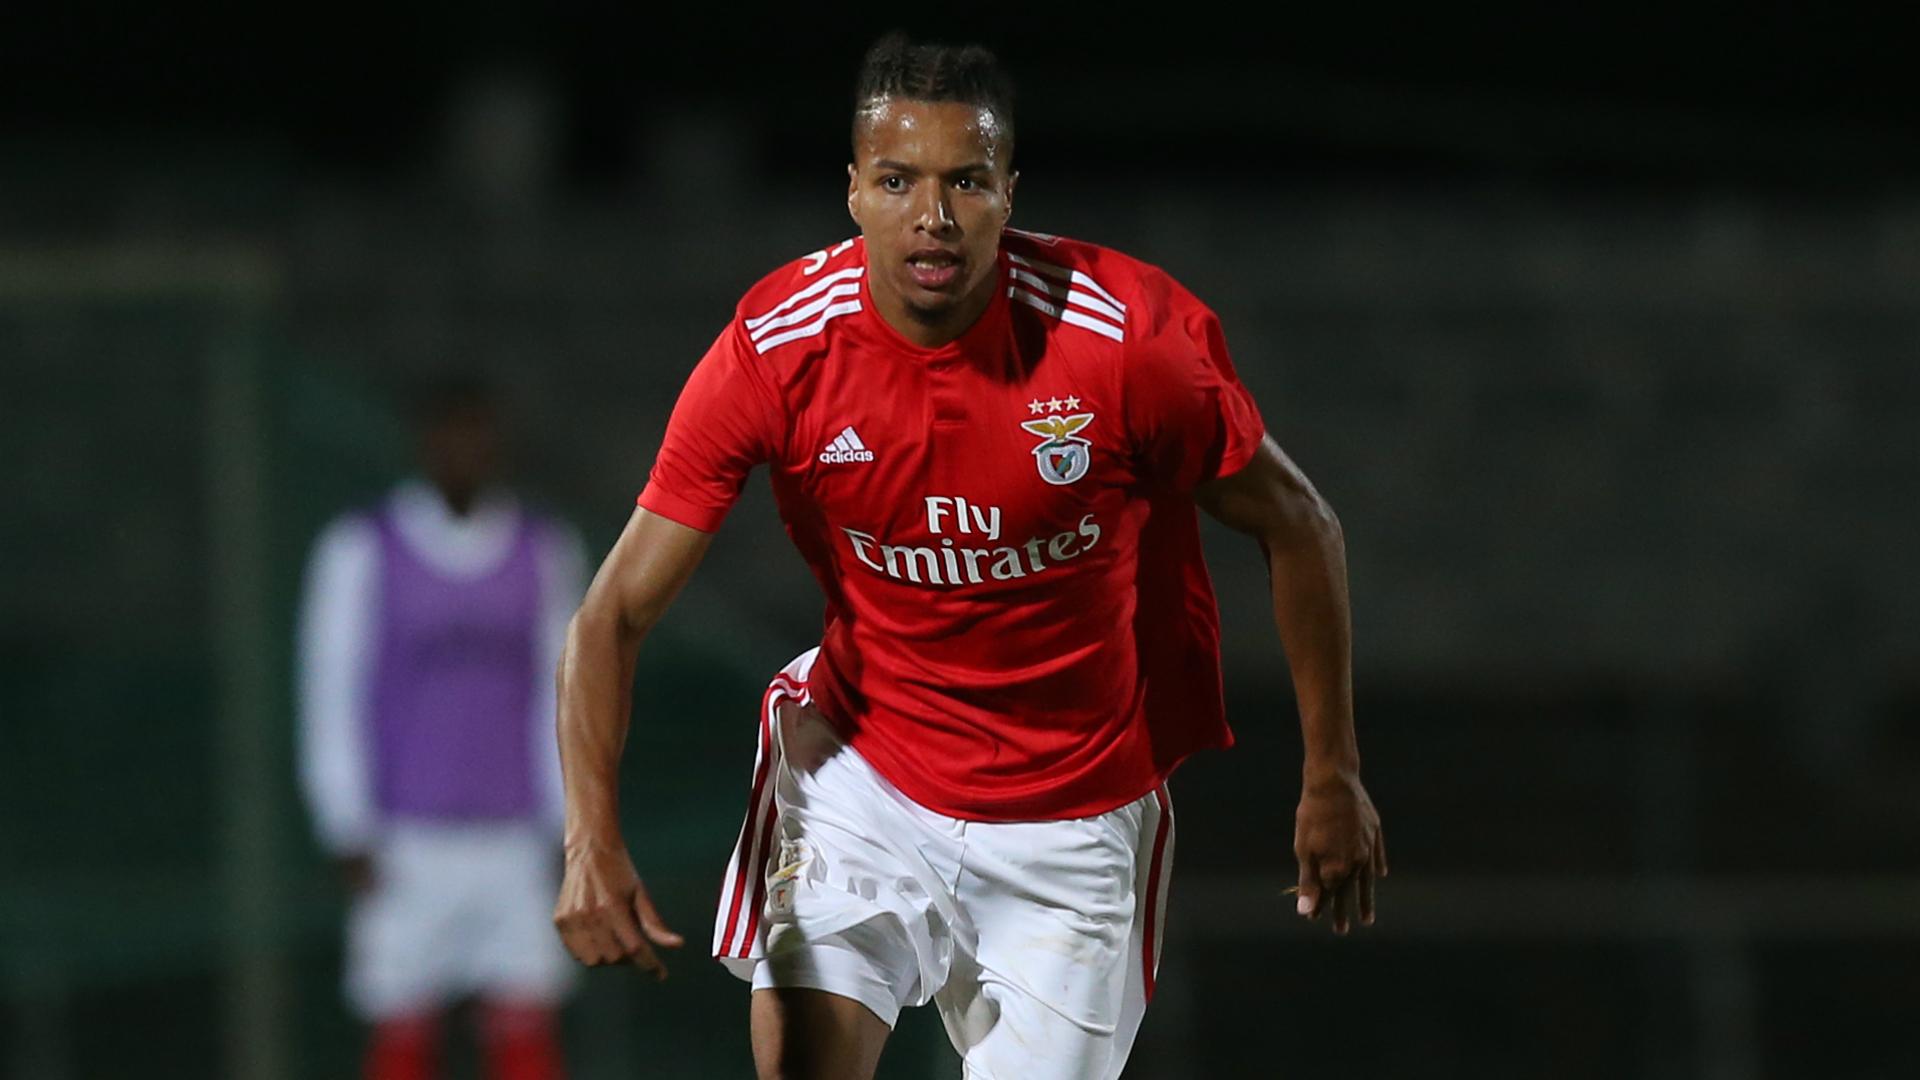 Benfica vs juventus betting tips offtraxkbetting